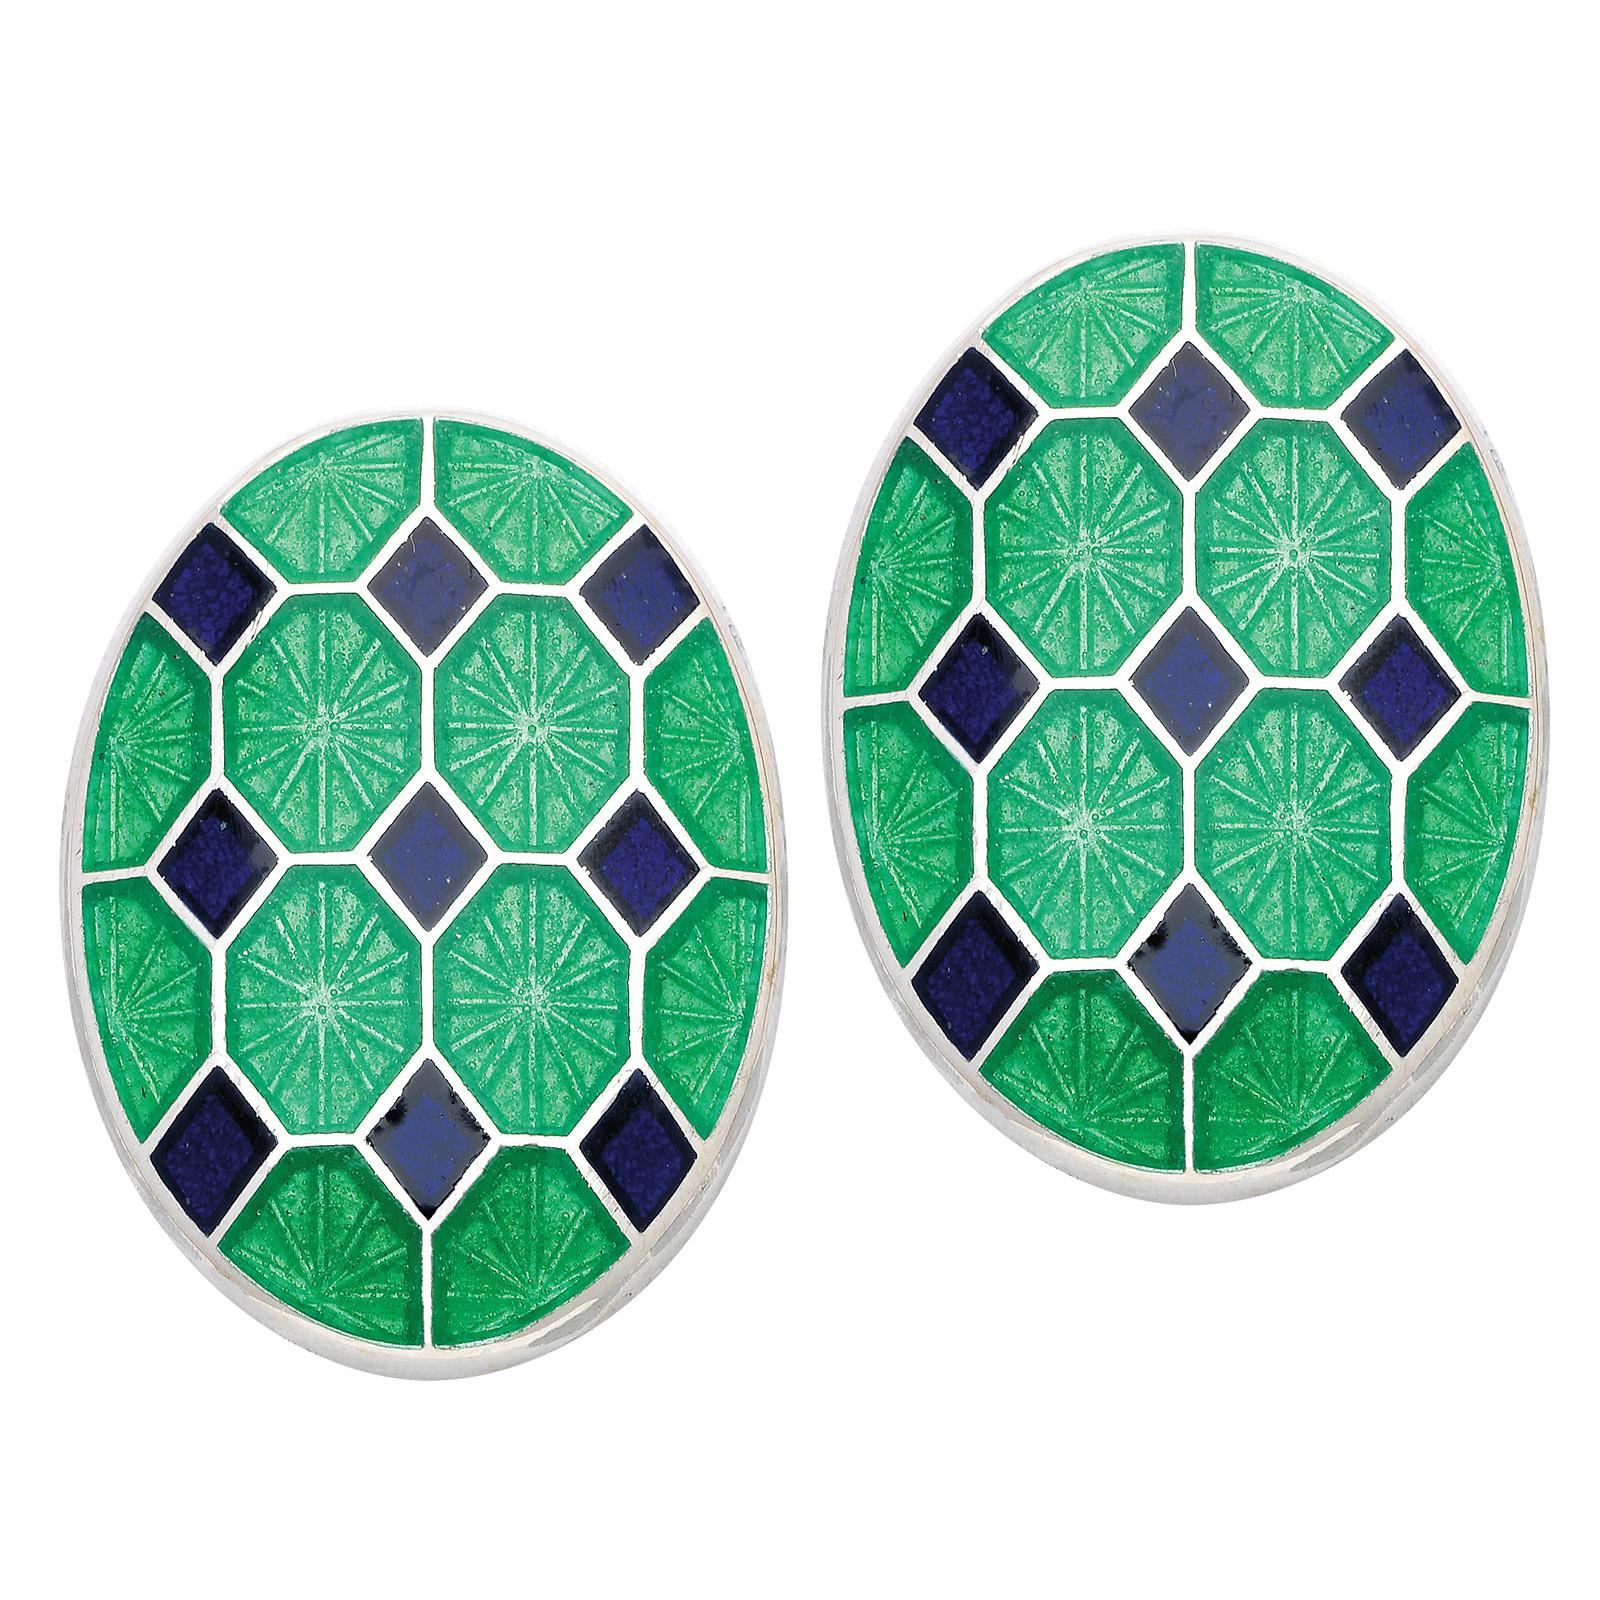 New Deakin & Francis Enamel Patterned Cufflinks